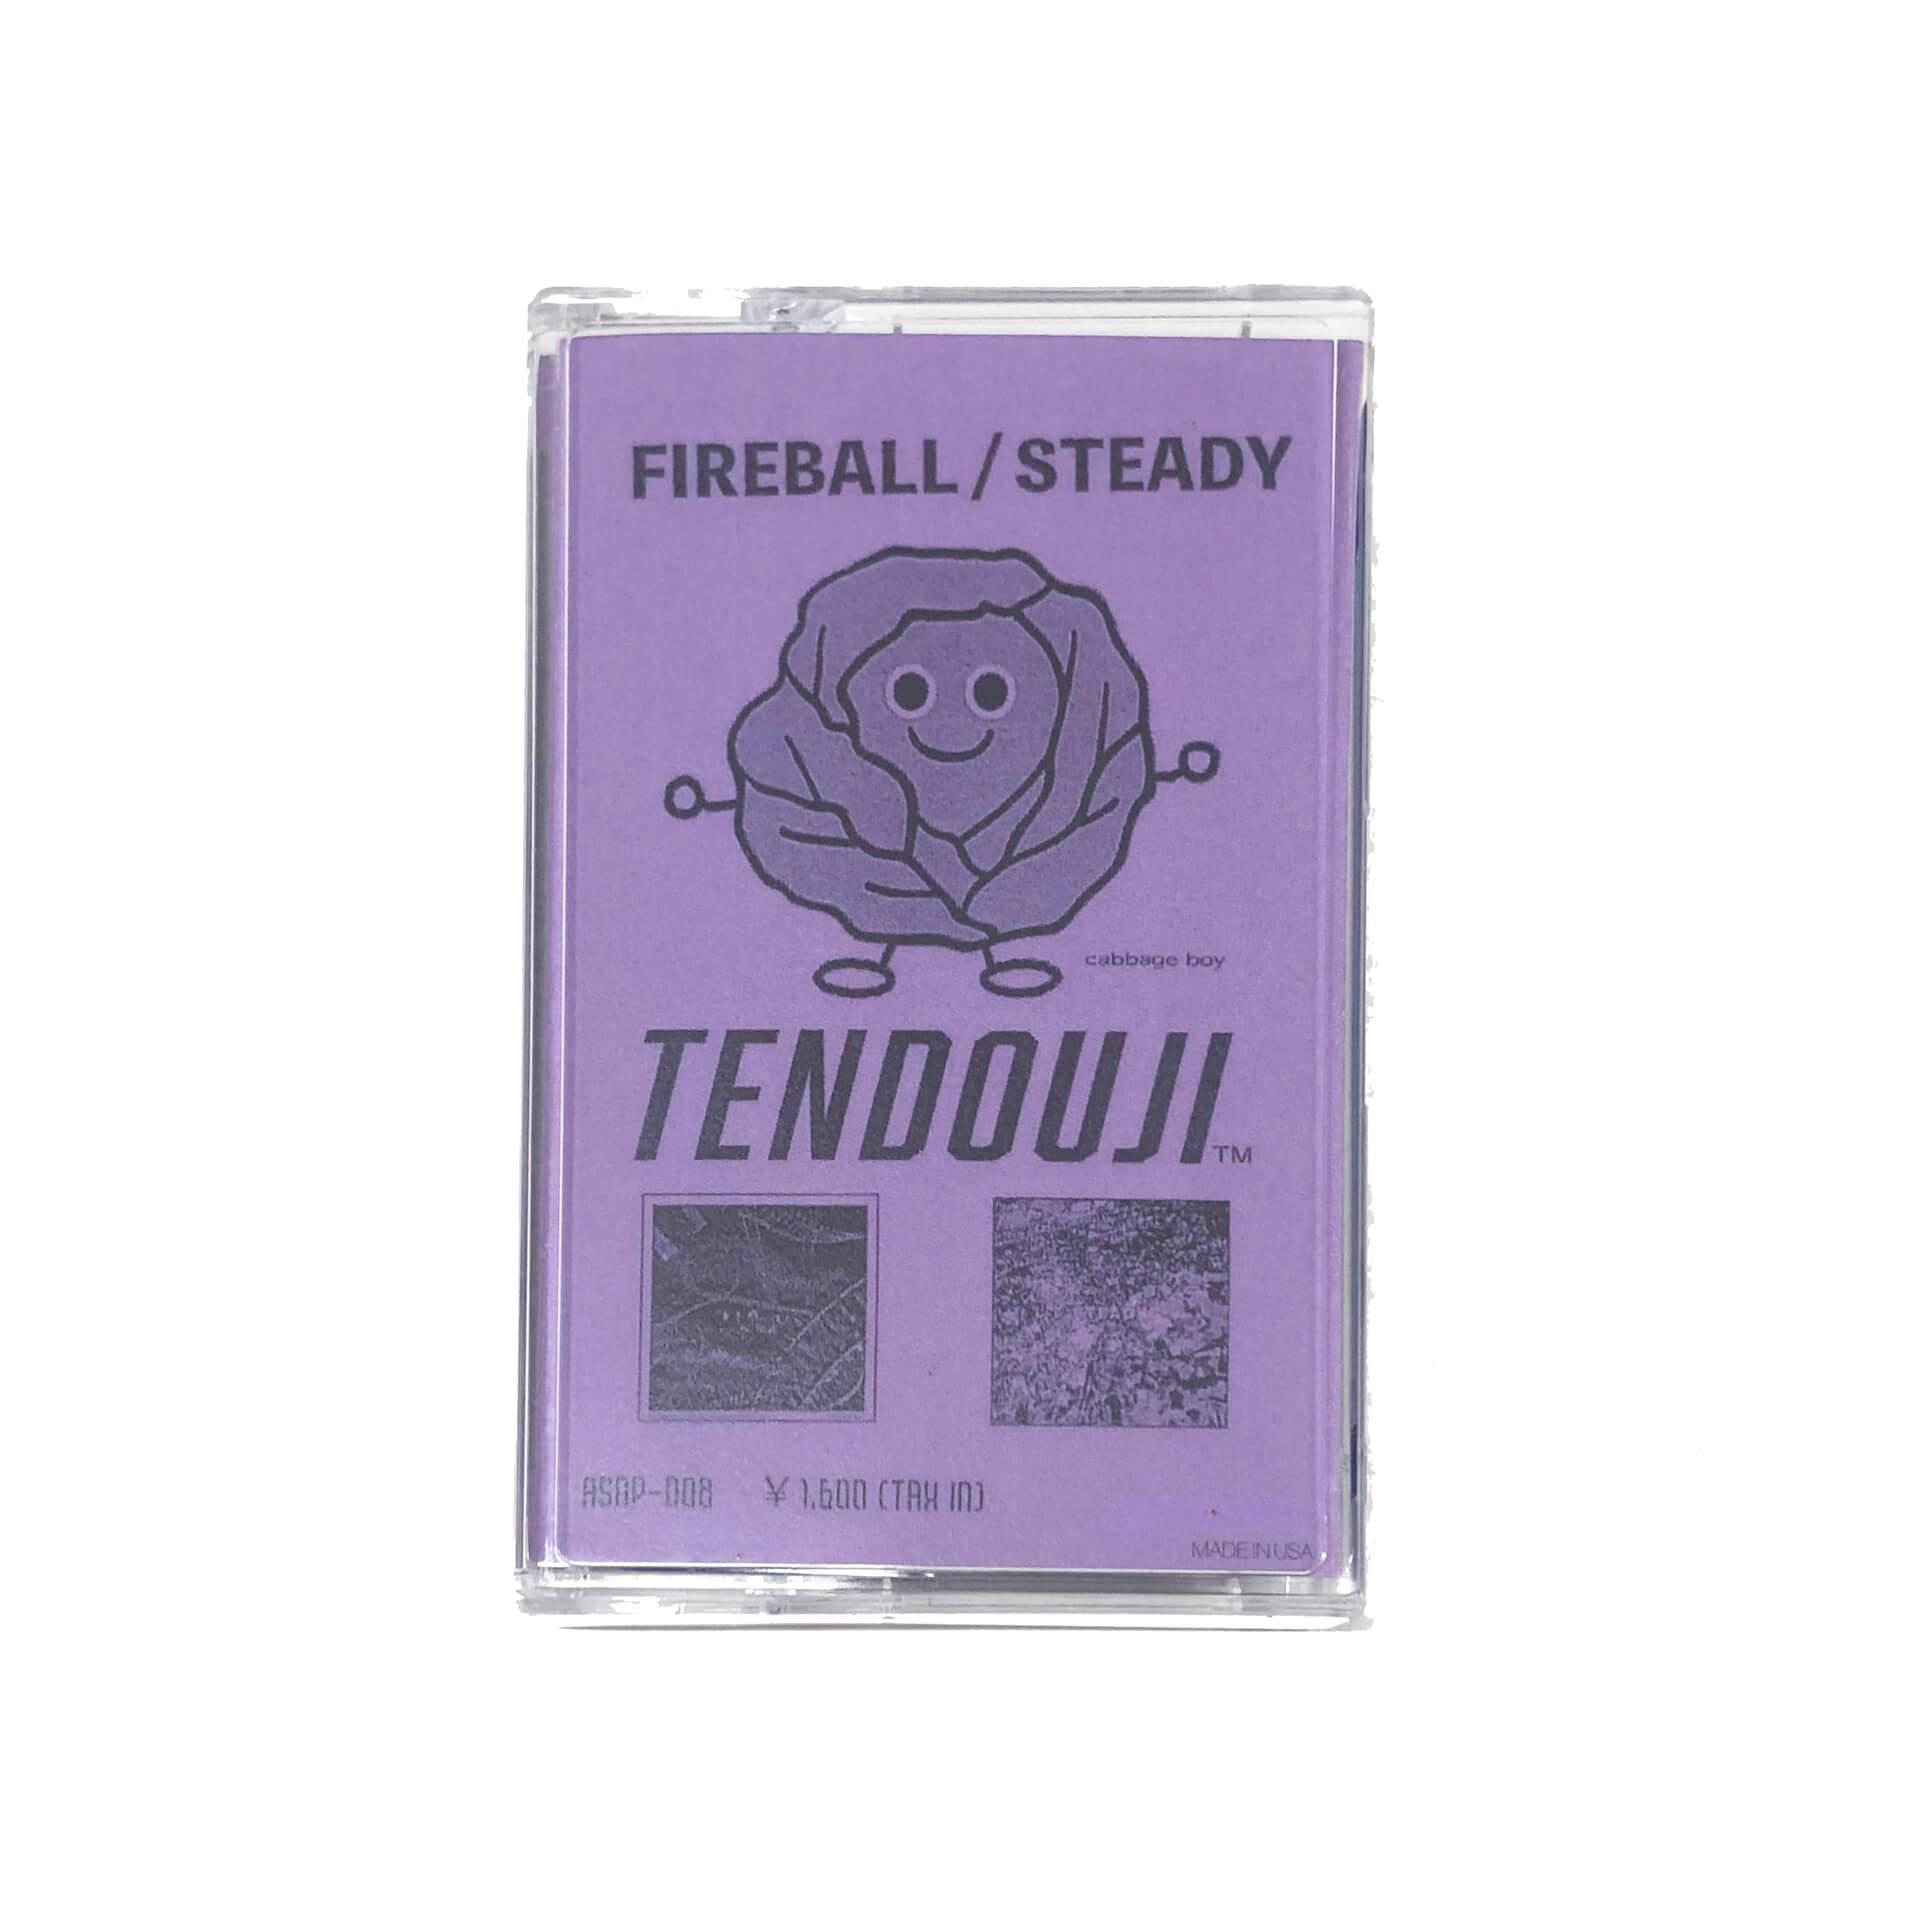 TENDOUJIのBuddy's Q 〜今さら聞けないあの質問〜|vol.5:ドラマー視点の曲&もしもTENDOUJIが無かったら column210316_TENDOUJI-04